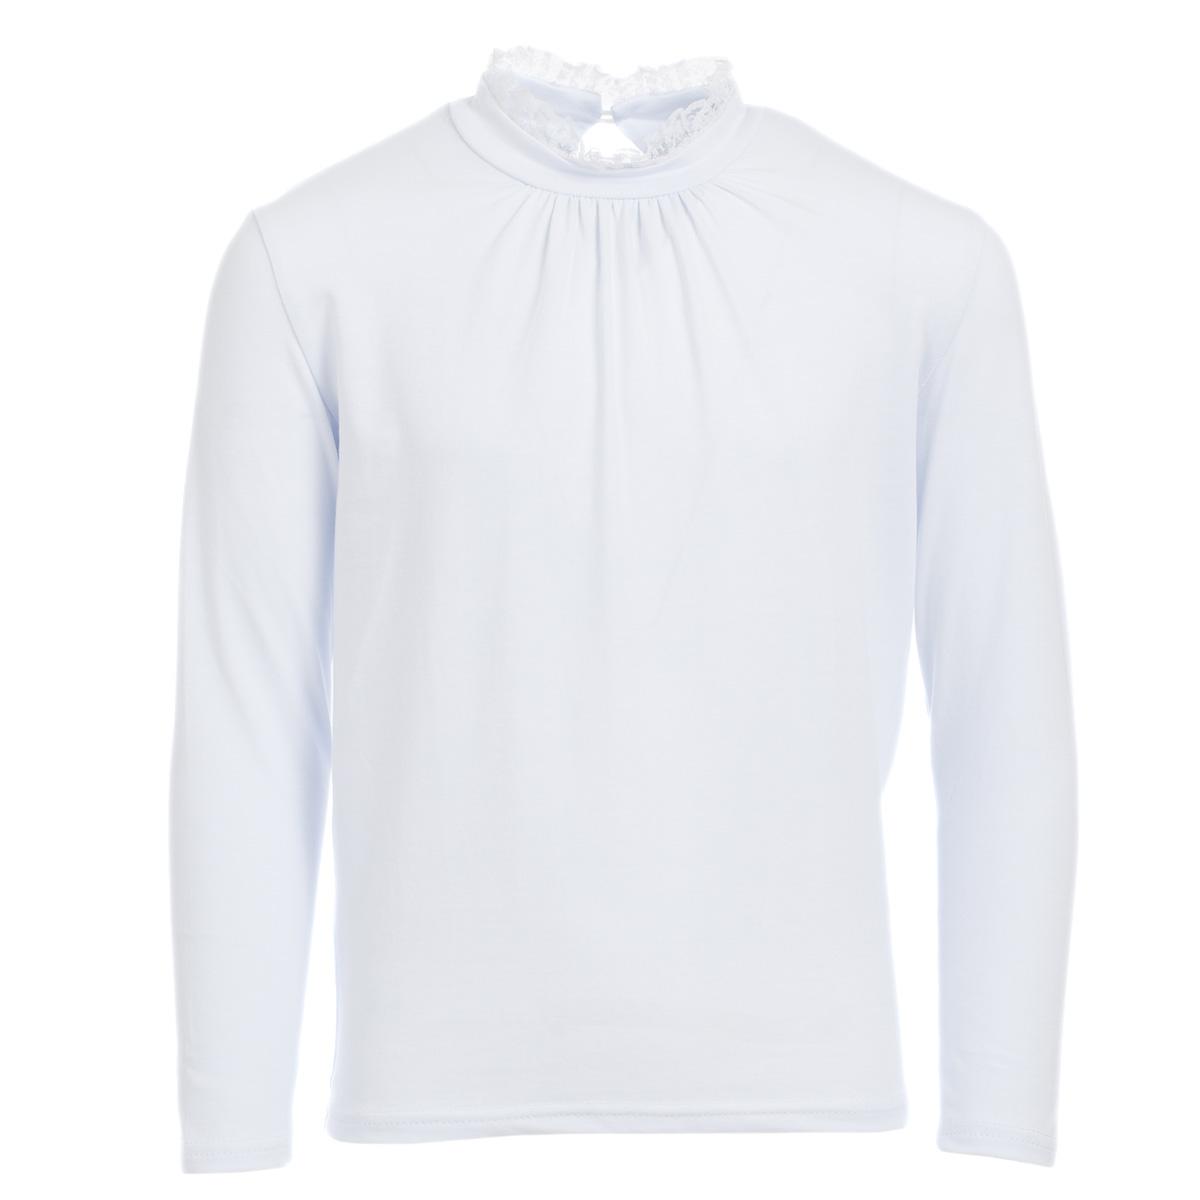 Блузка Westelite, R-003